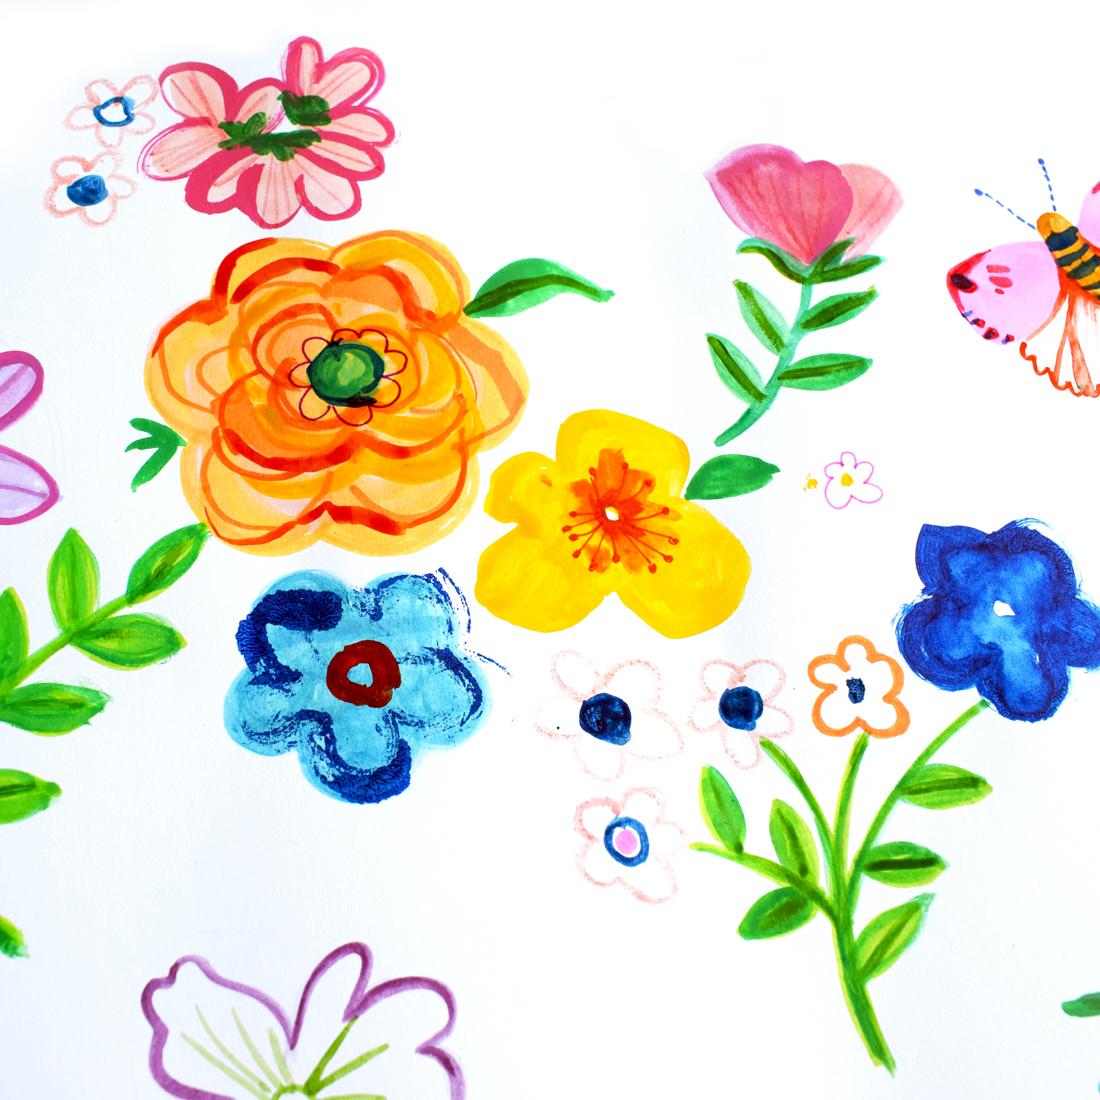 floral-pattern-design2-emmajayne-designs